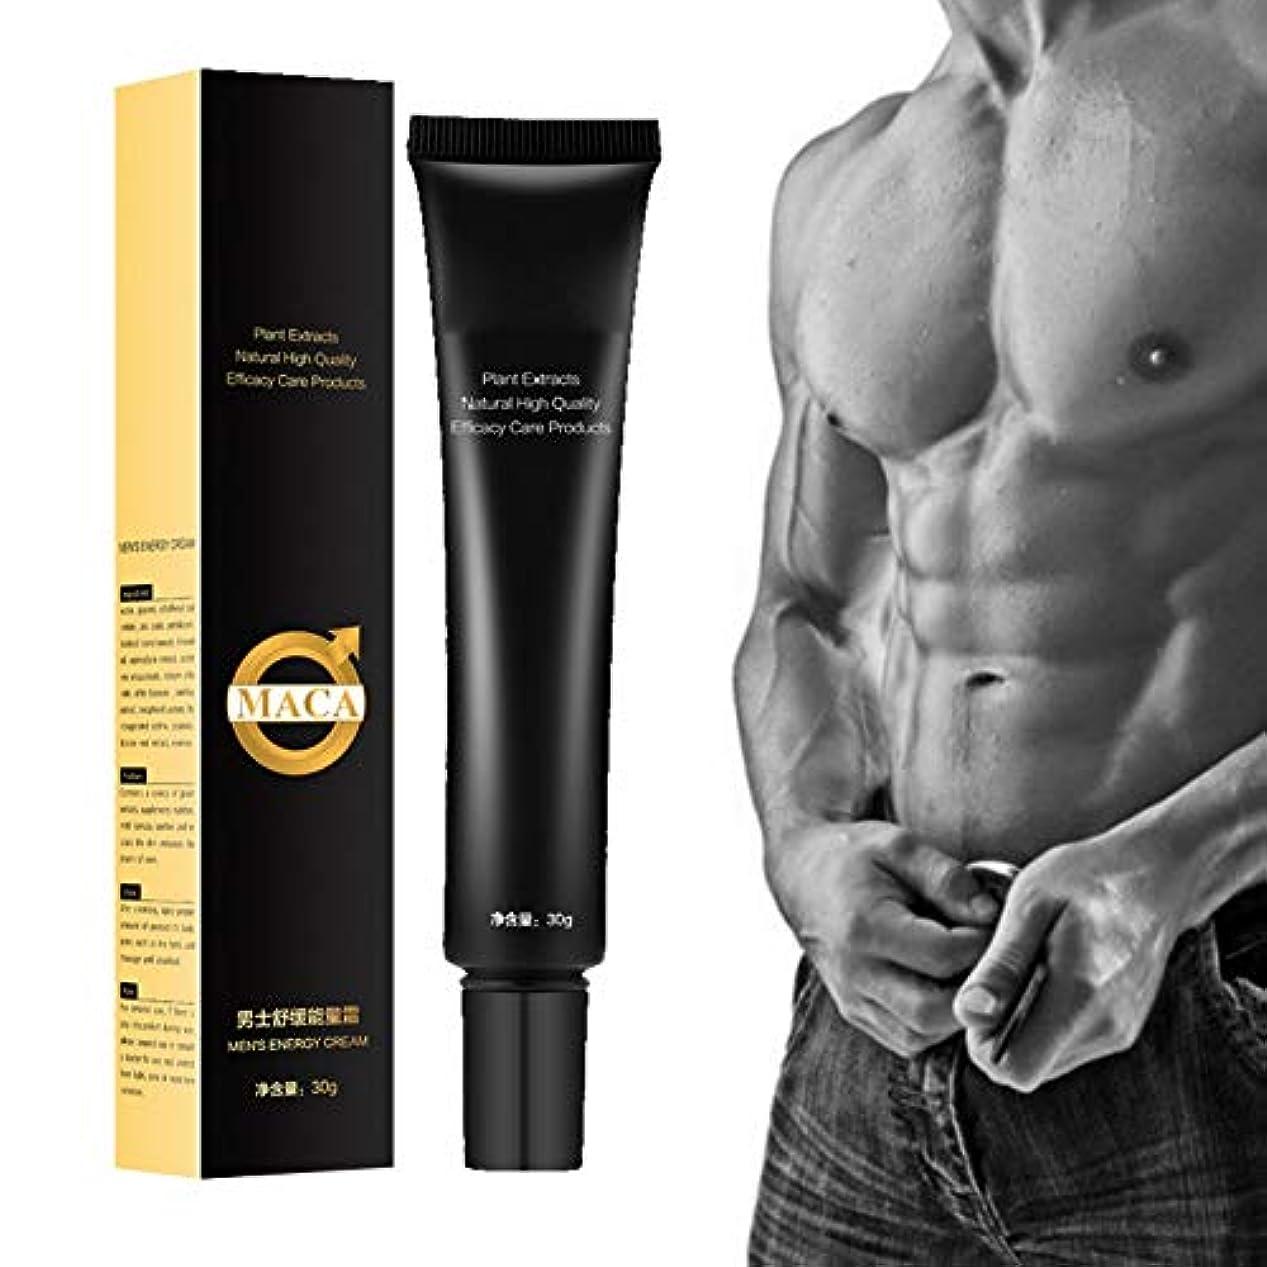 単語からかうトライアスロンKISSION 男性用健康製品 メンズエナジークリーム 陰茎の拡大 増粘 性欲製品 マッサージゲル 男性用品 ボディマッサージローション 情趣グッズ